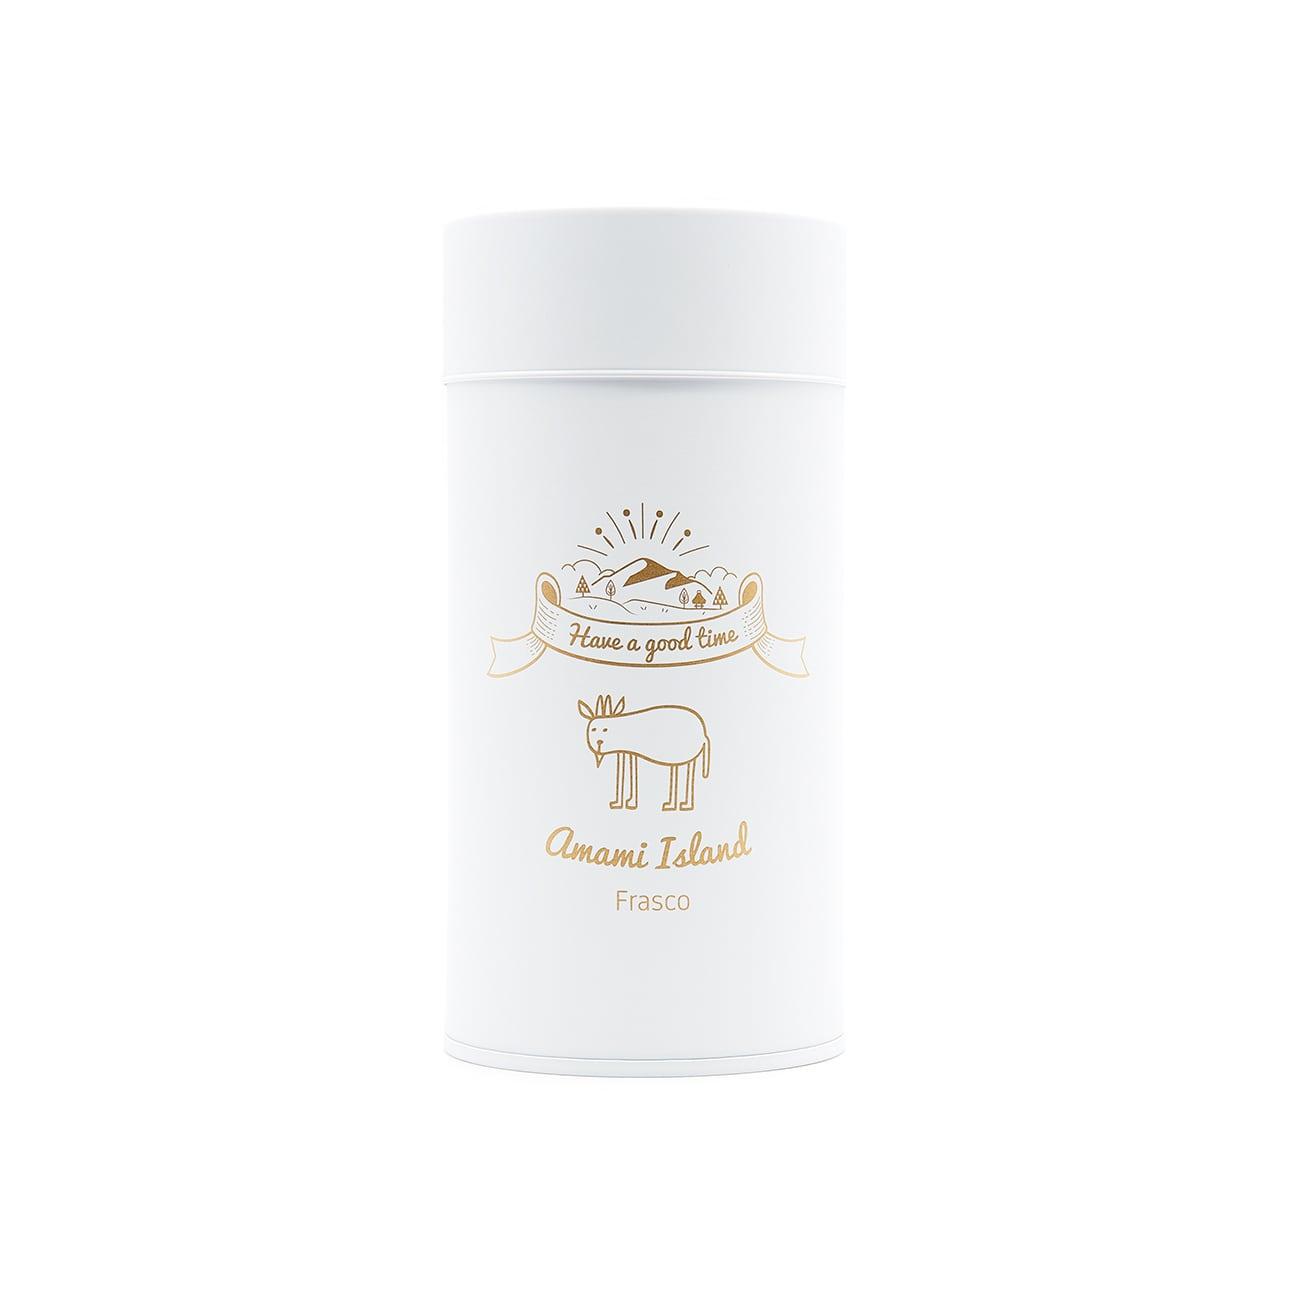 Frascoキャニスター缶   ホワイト